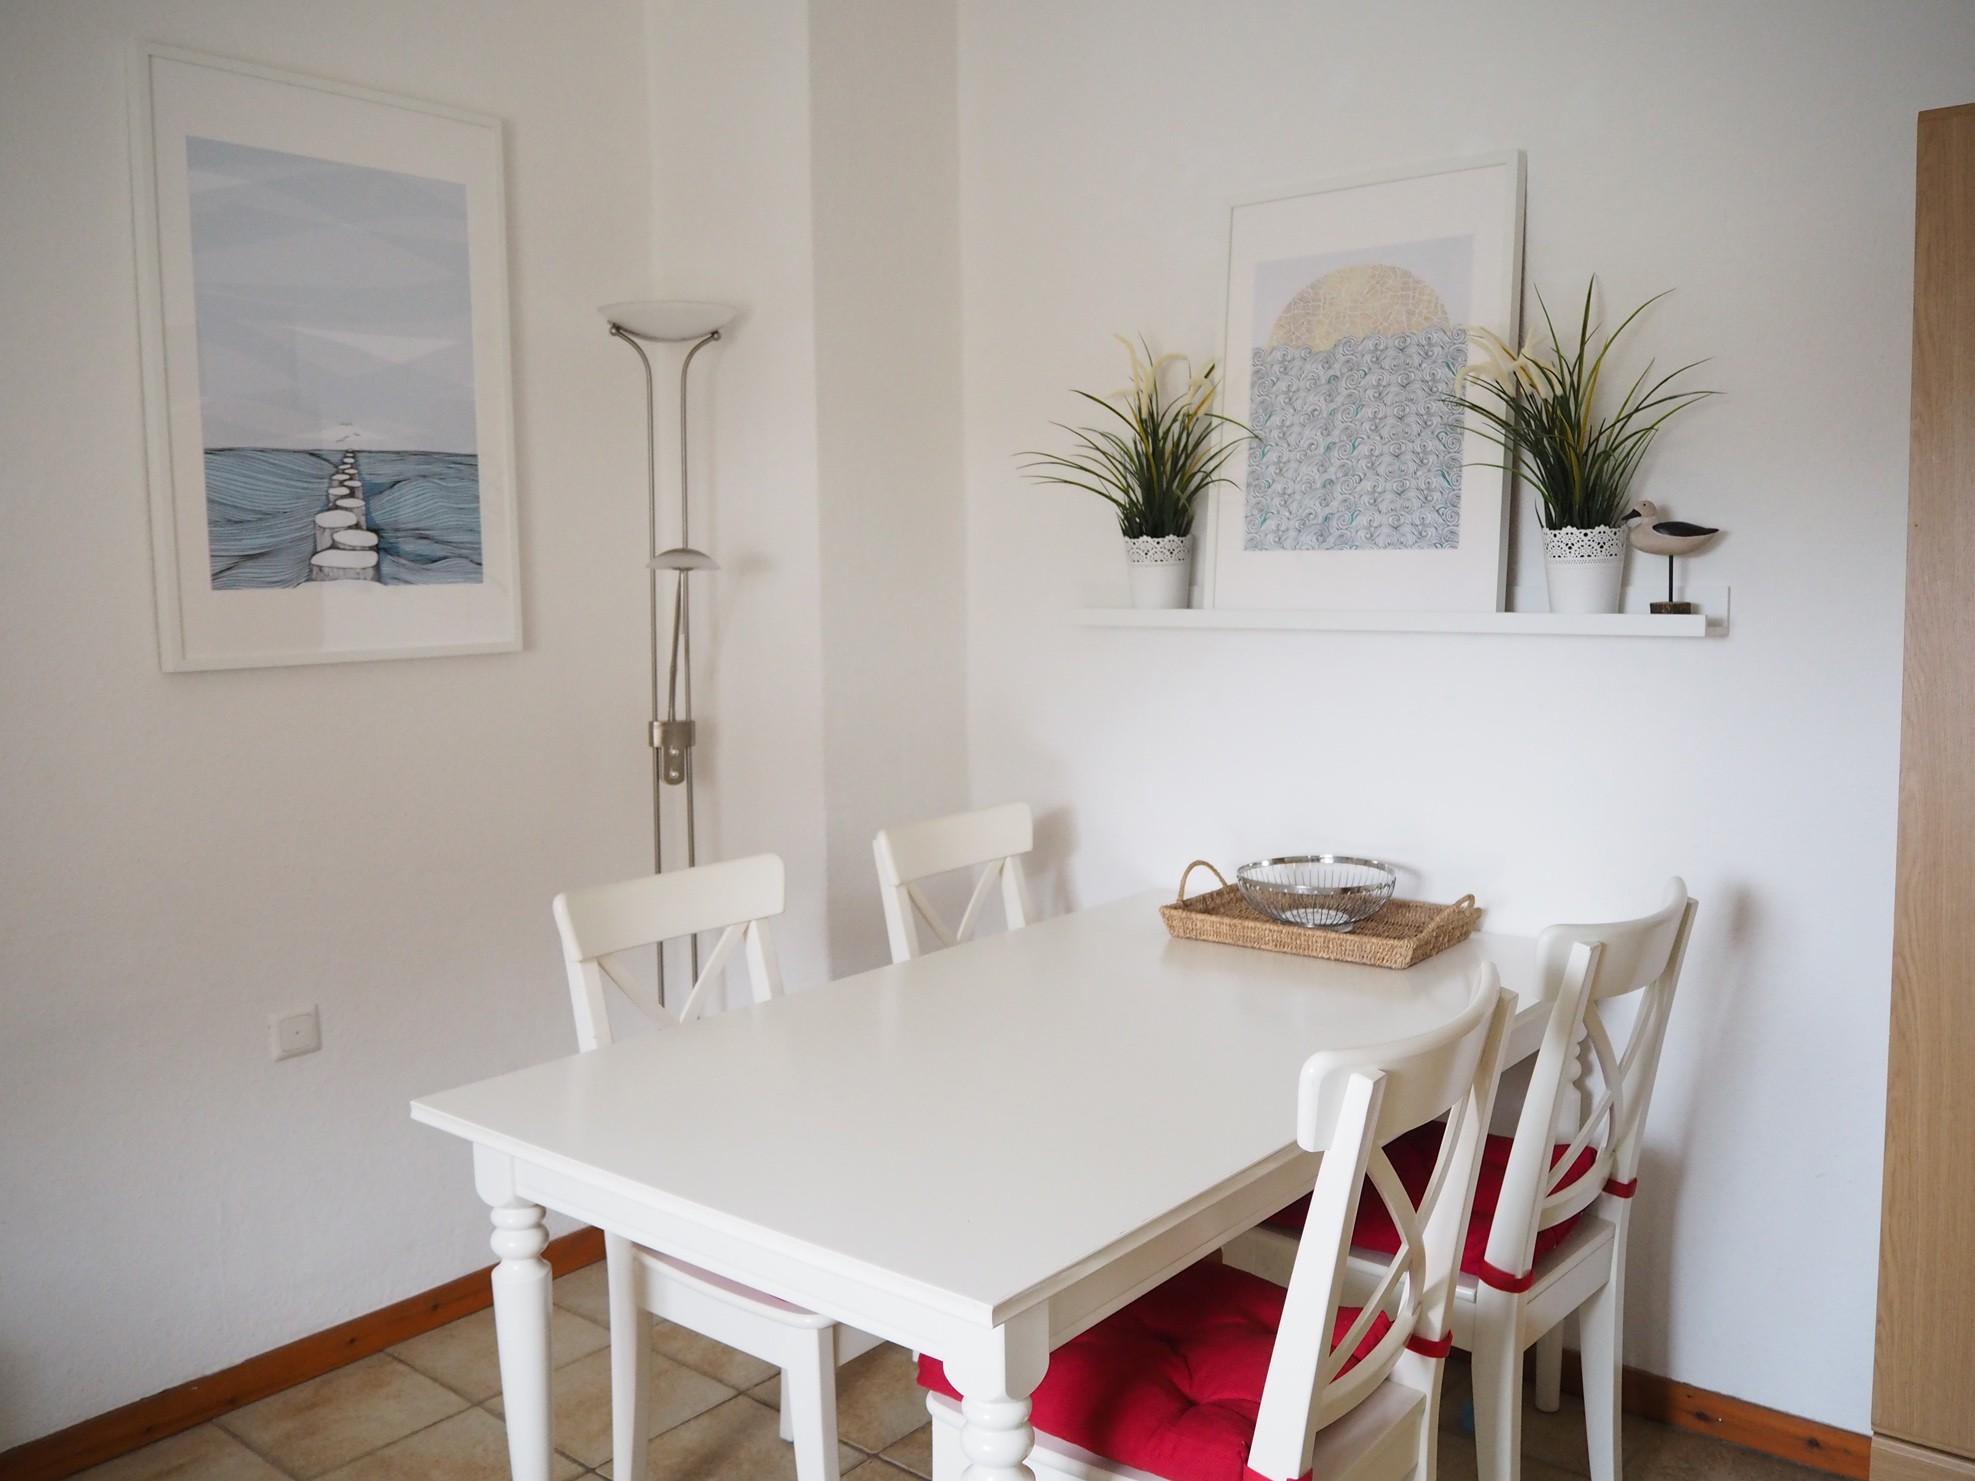 ferienwohnung haus m we whg sch der h rnum sylt 4 personen haustiere erlaubt. Black Bedroom Furniture Sets. Home Design Ideas